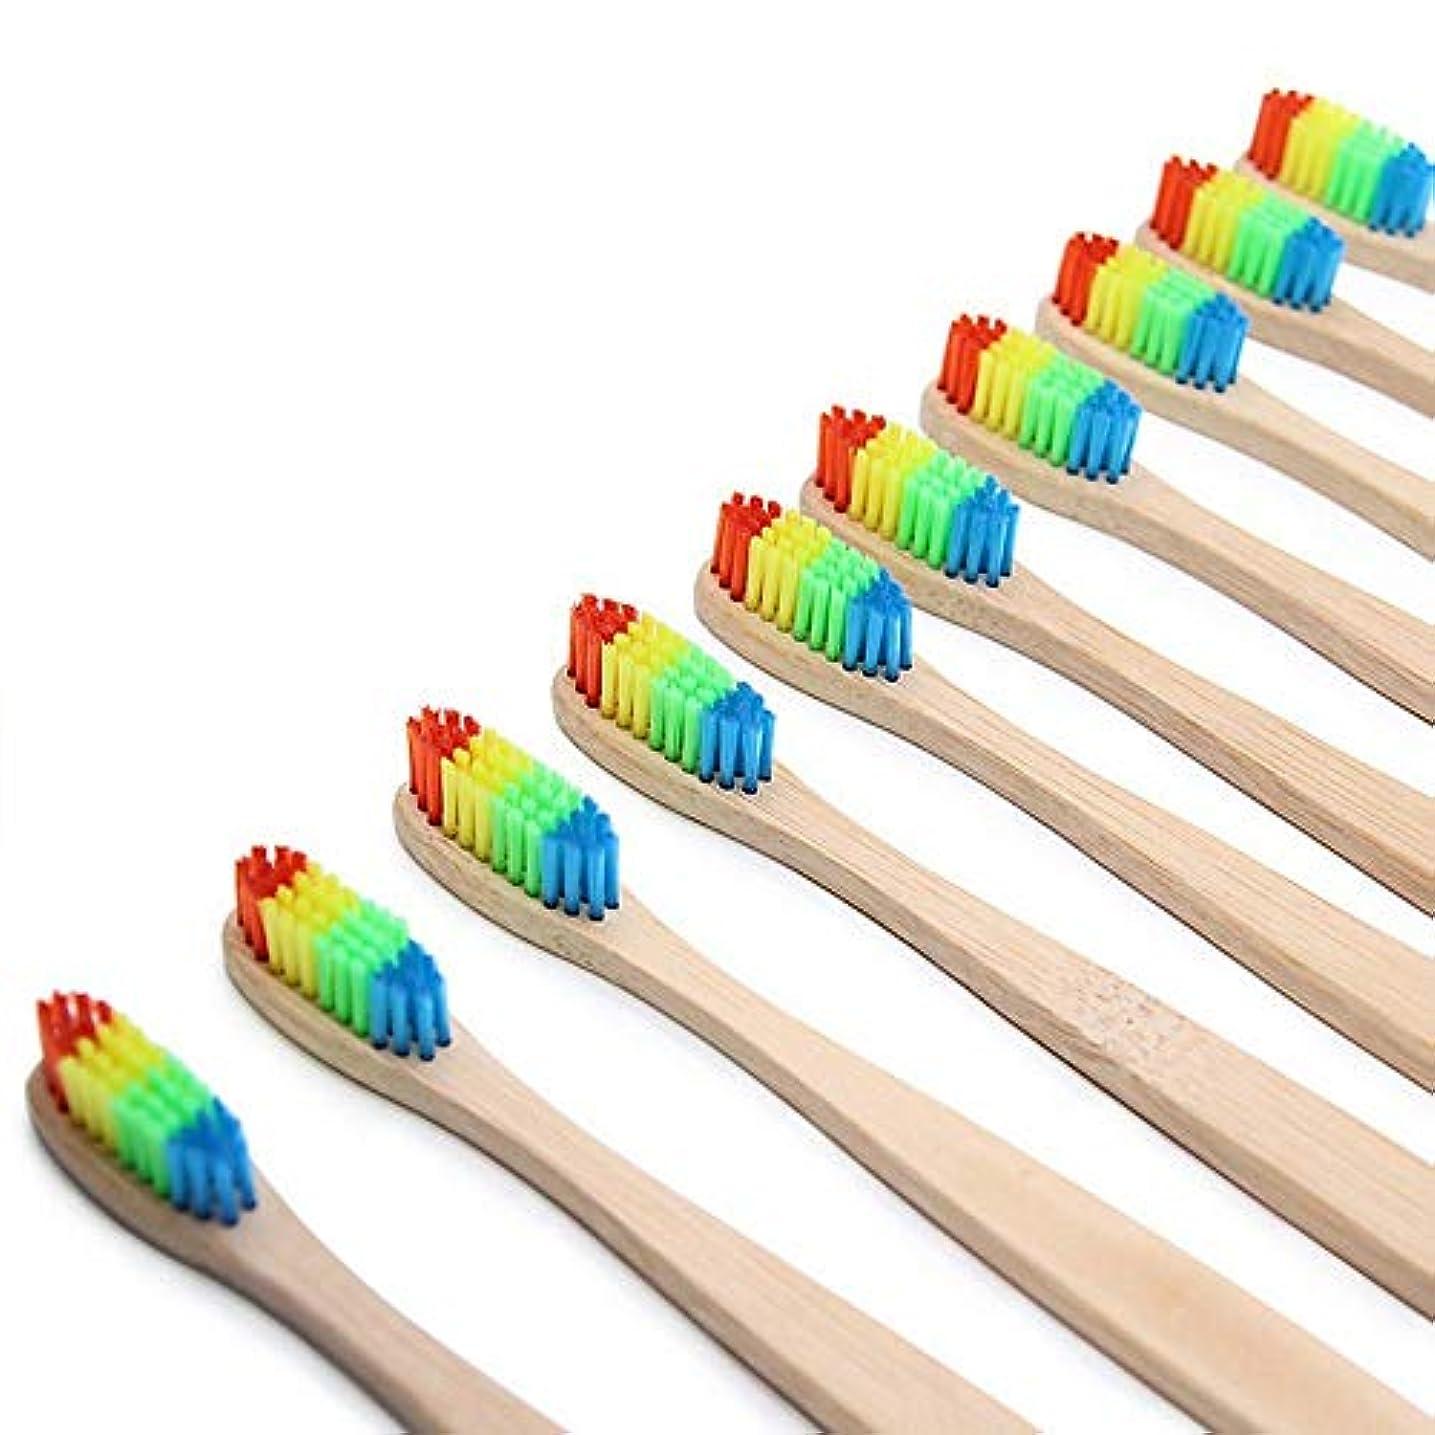 腸権限を与えるスイング天然竹歯ブラシ 竹の歯ブラシ ナイロン毛 8本  (カラー)